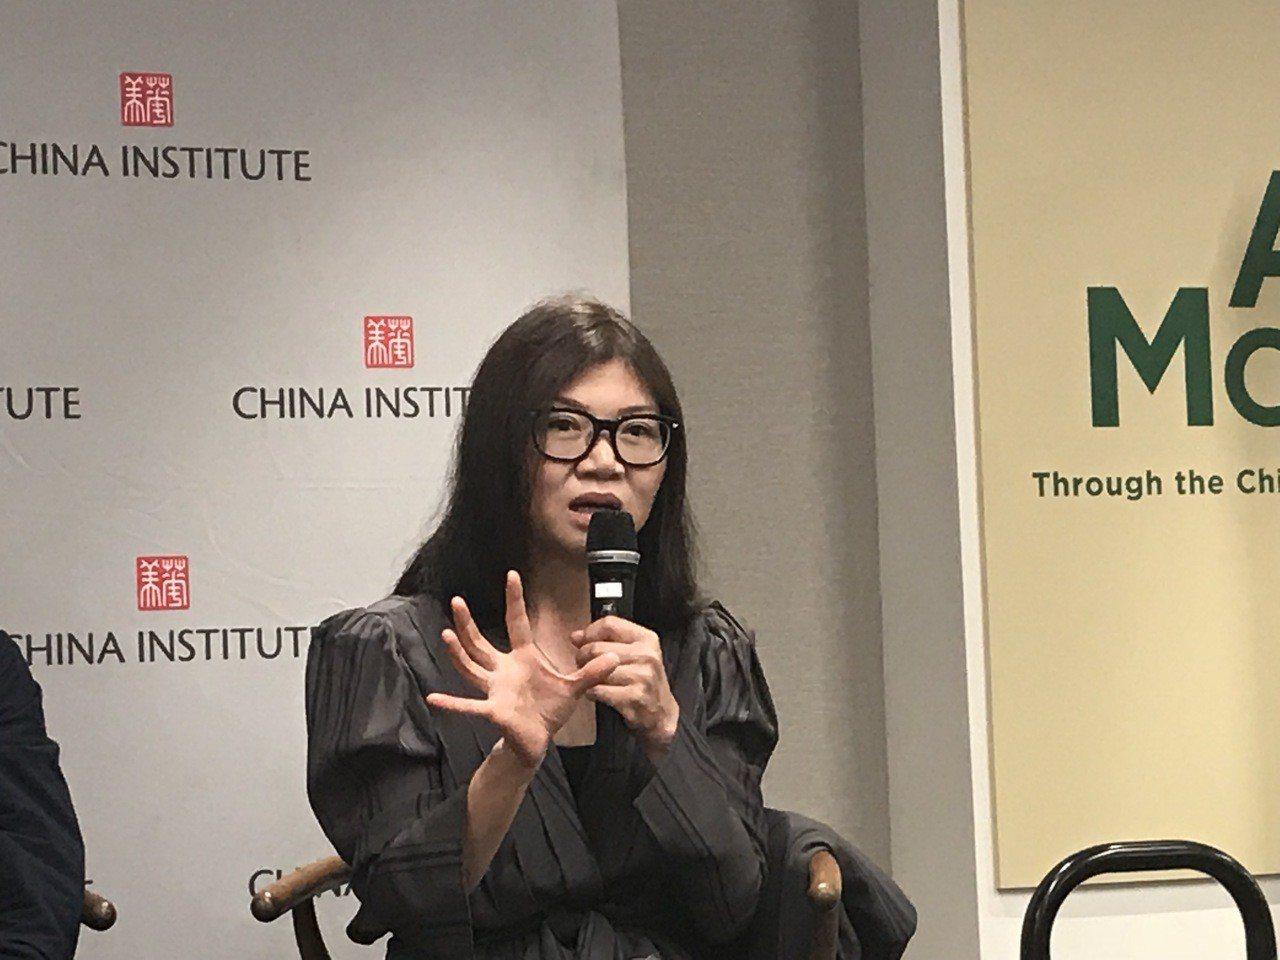 華美協進社(China Institute)11日舉辦「迪奧之上:中國的時尚產業...